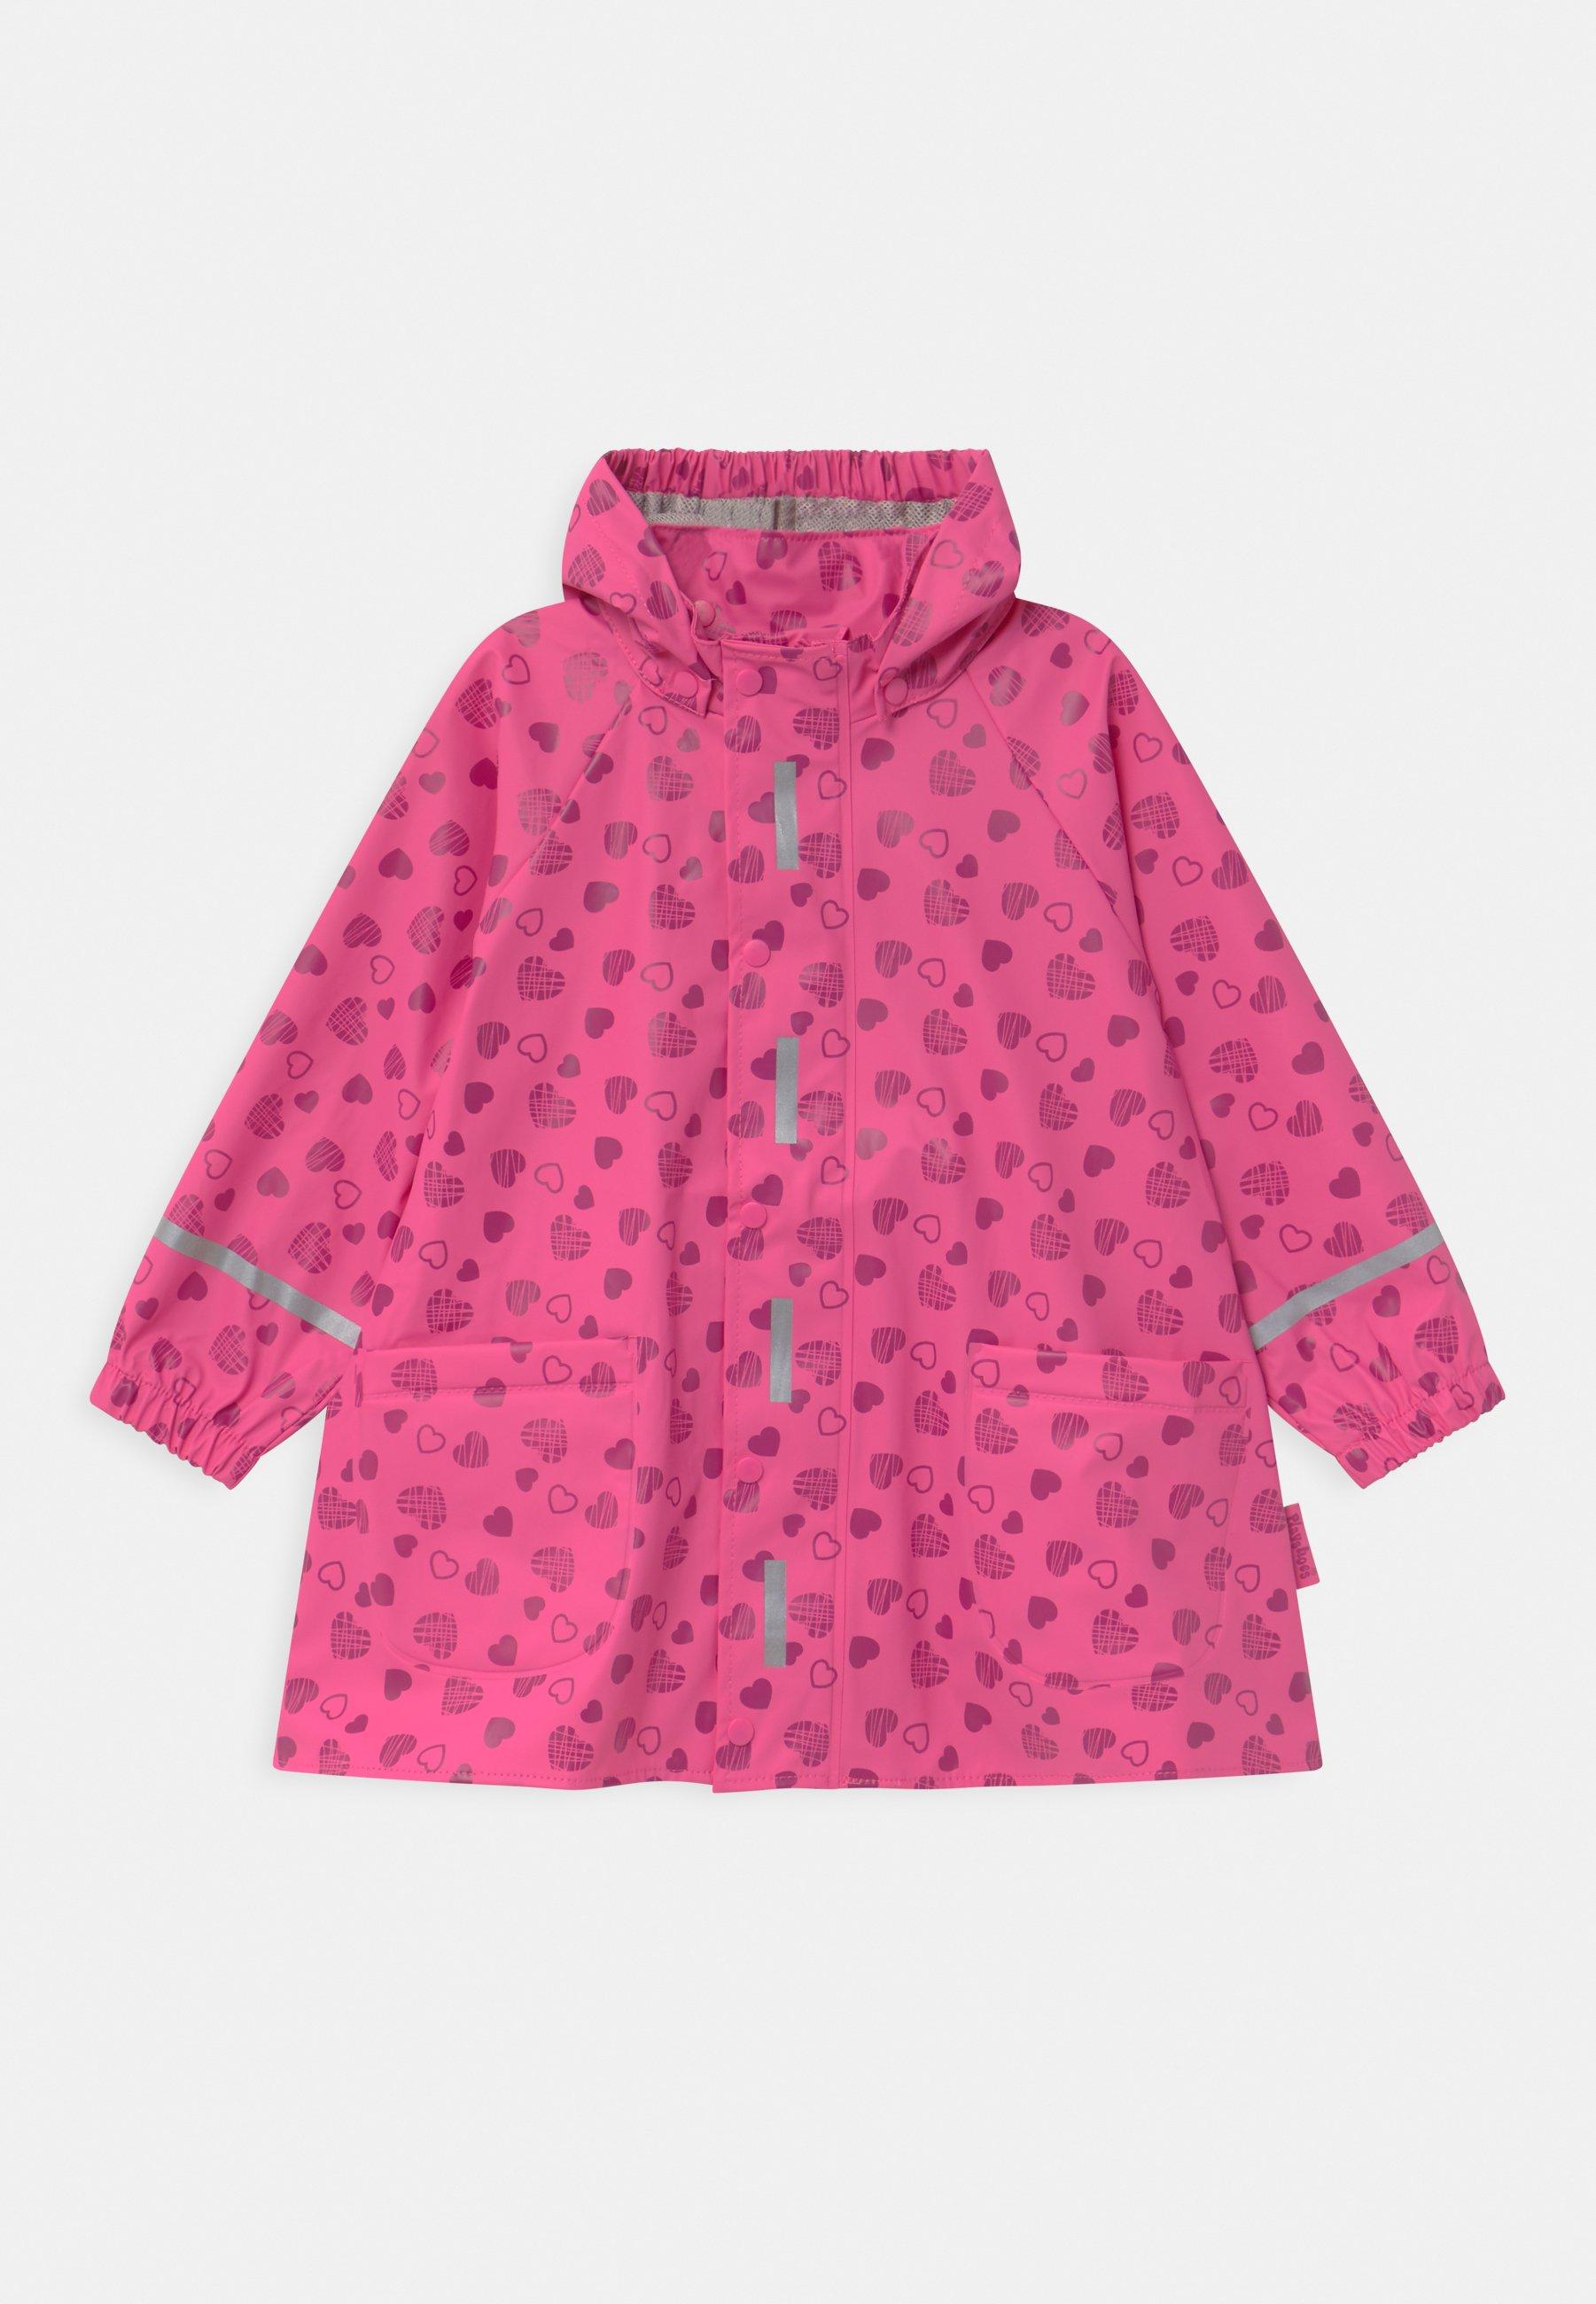 Kinder HERZCHEN - Regenjacke / wasserabweisende Jacke